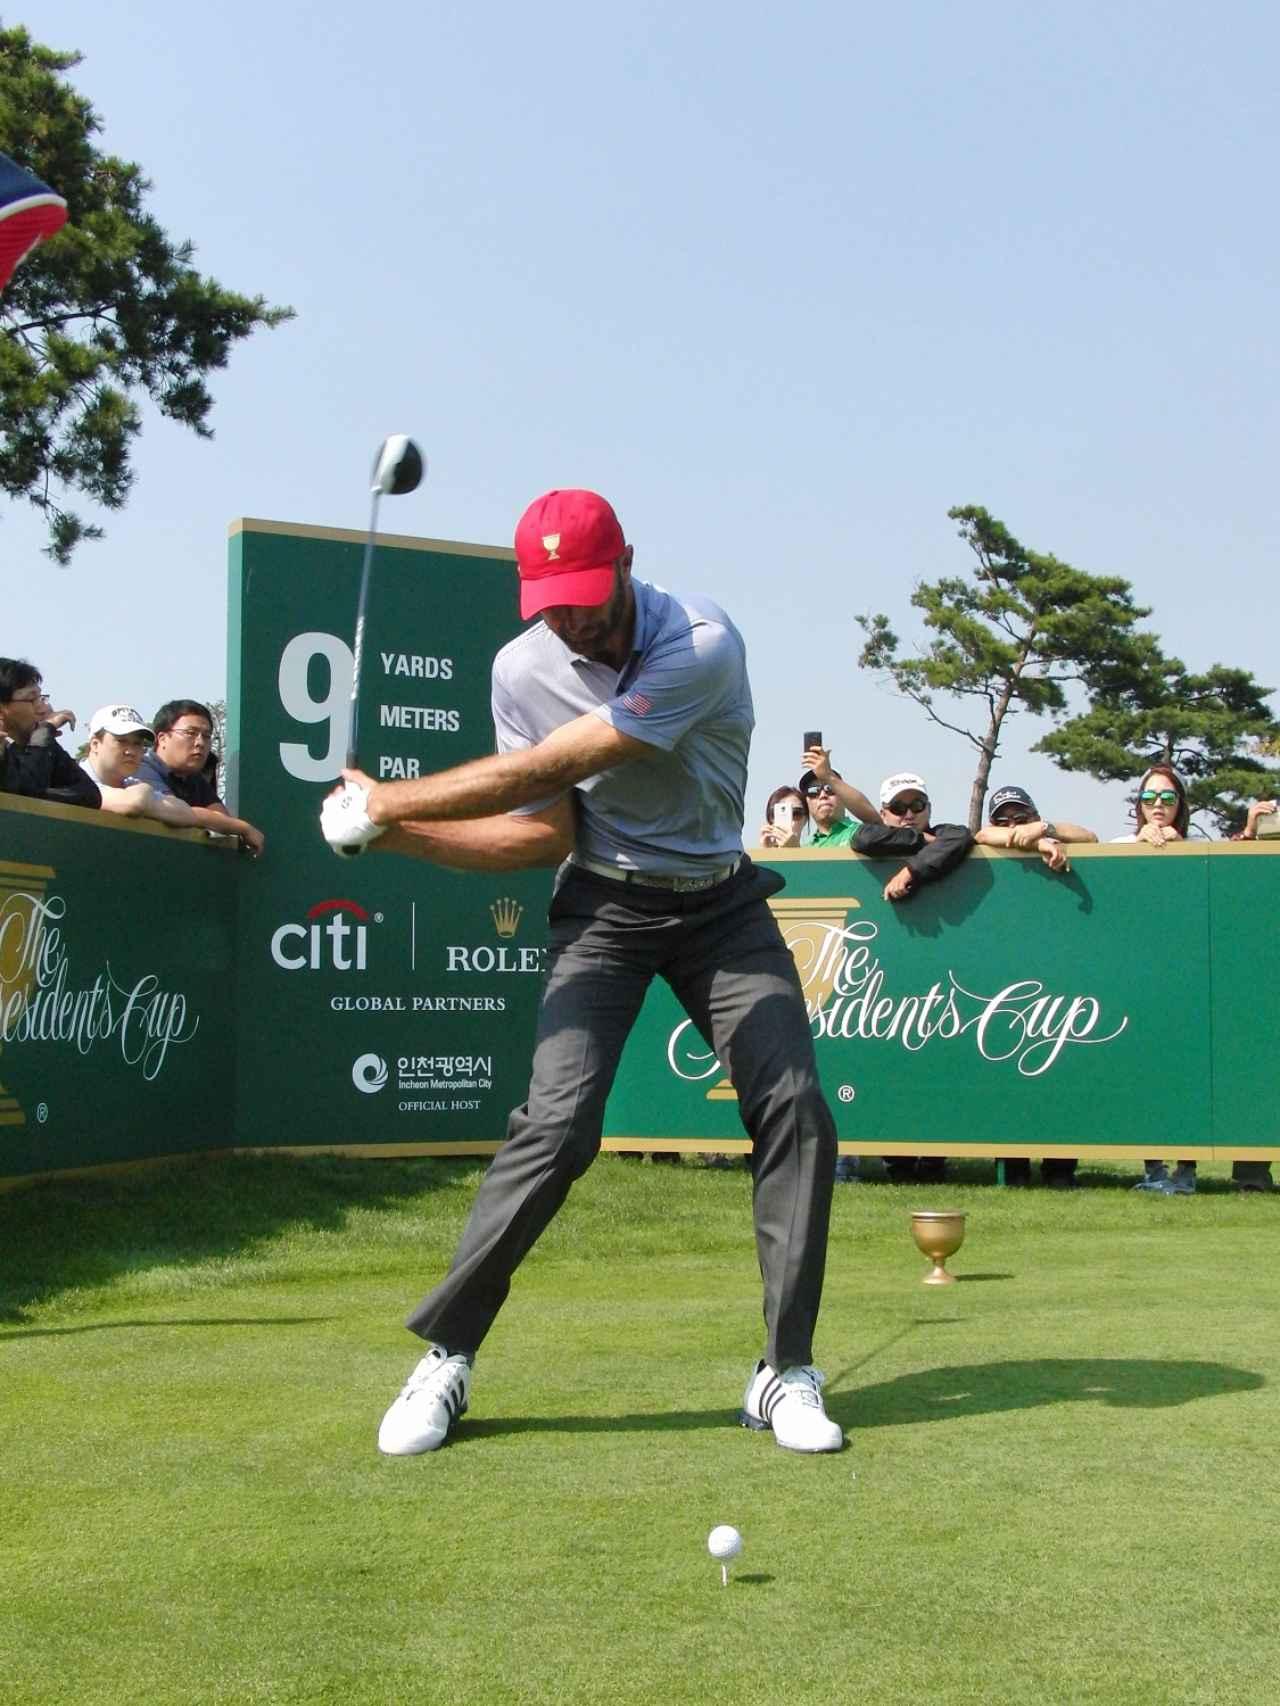 画像5: ダスティン・ジョンソンのココが凄い!PGAツアー スウィング超解説④